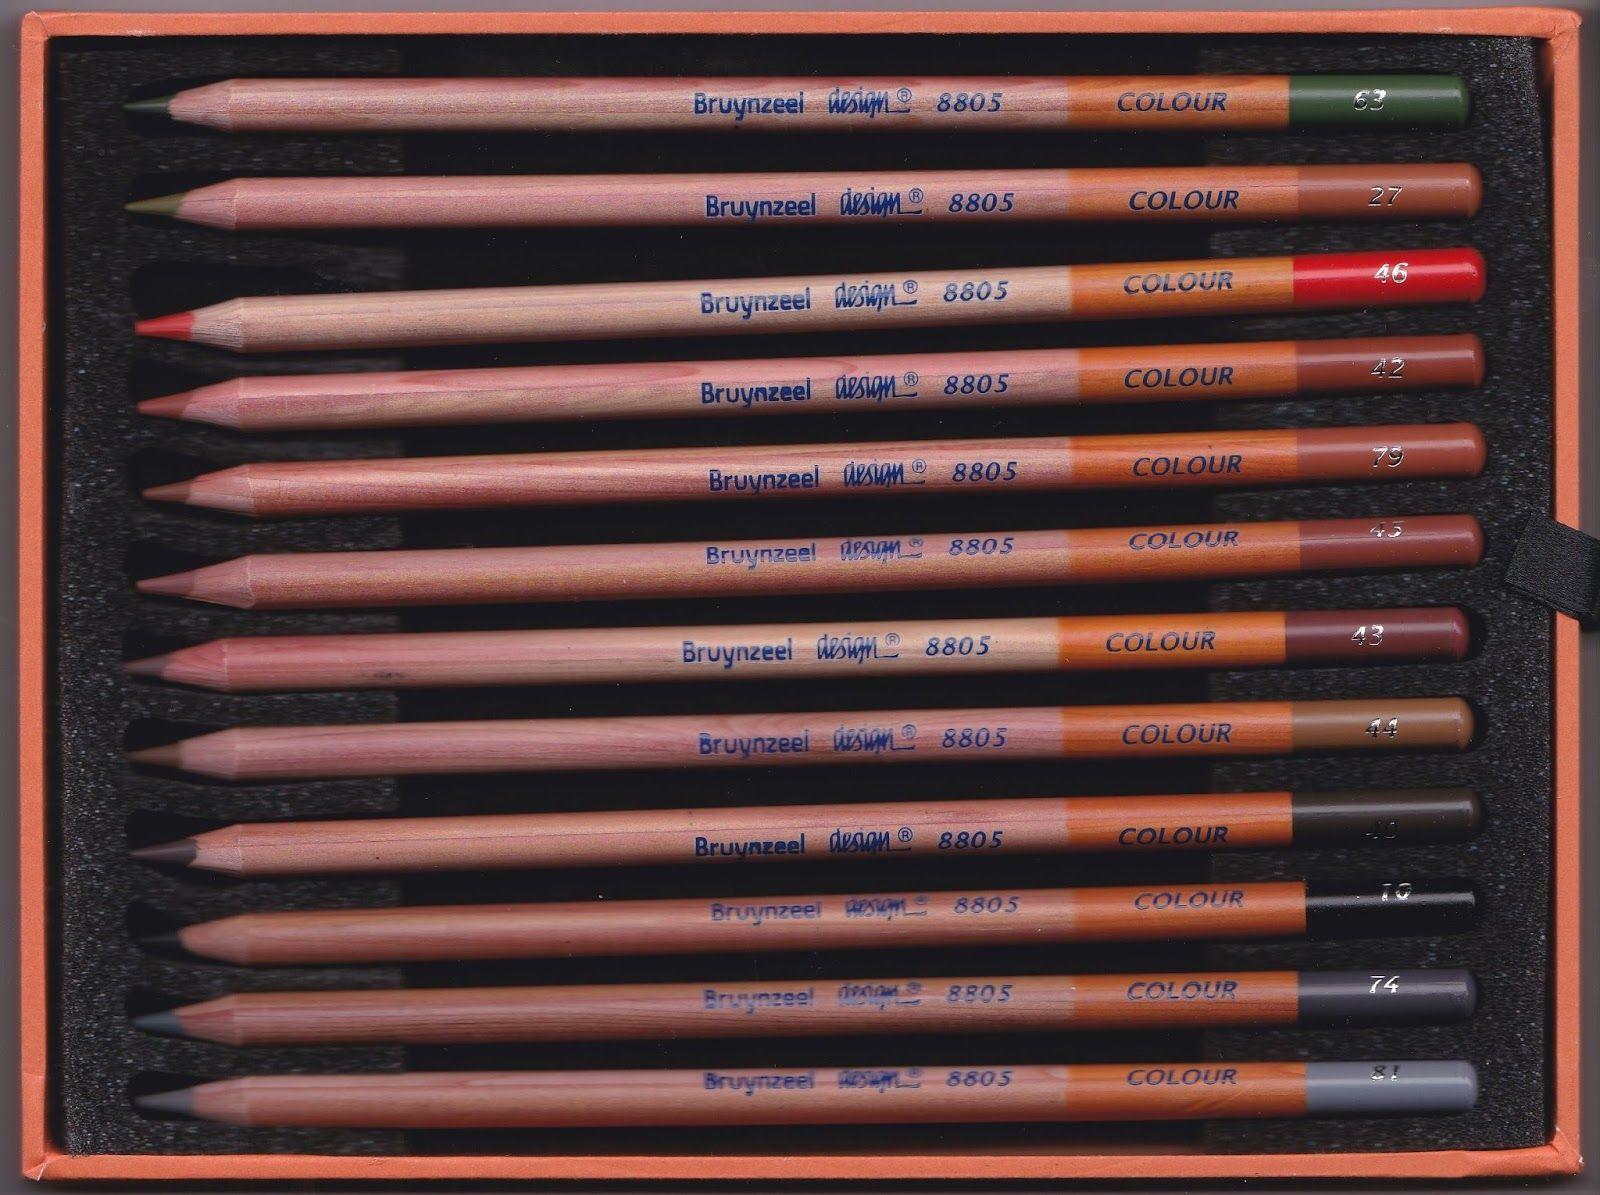 kleurboeken-winkel: kleurpotloden en stiften